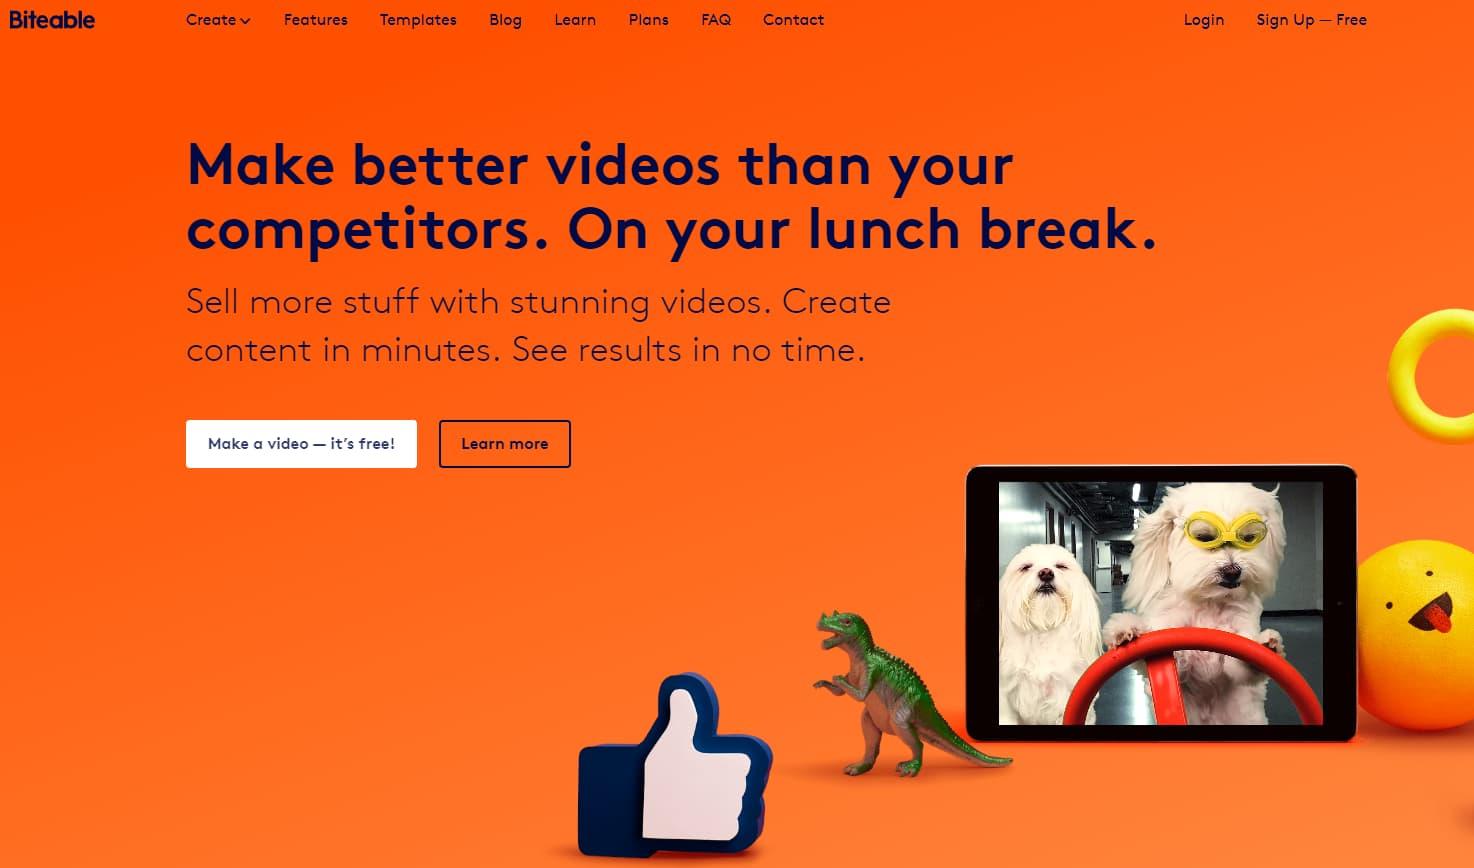 Home page de Biteable